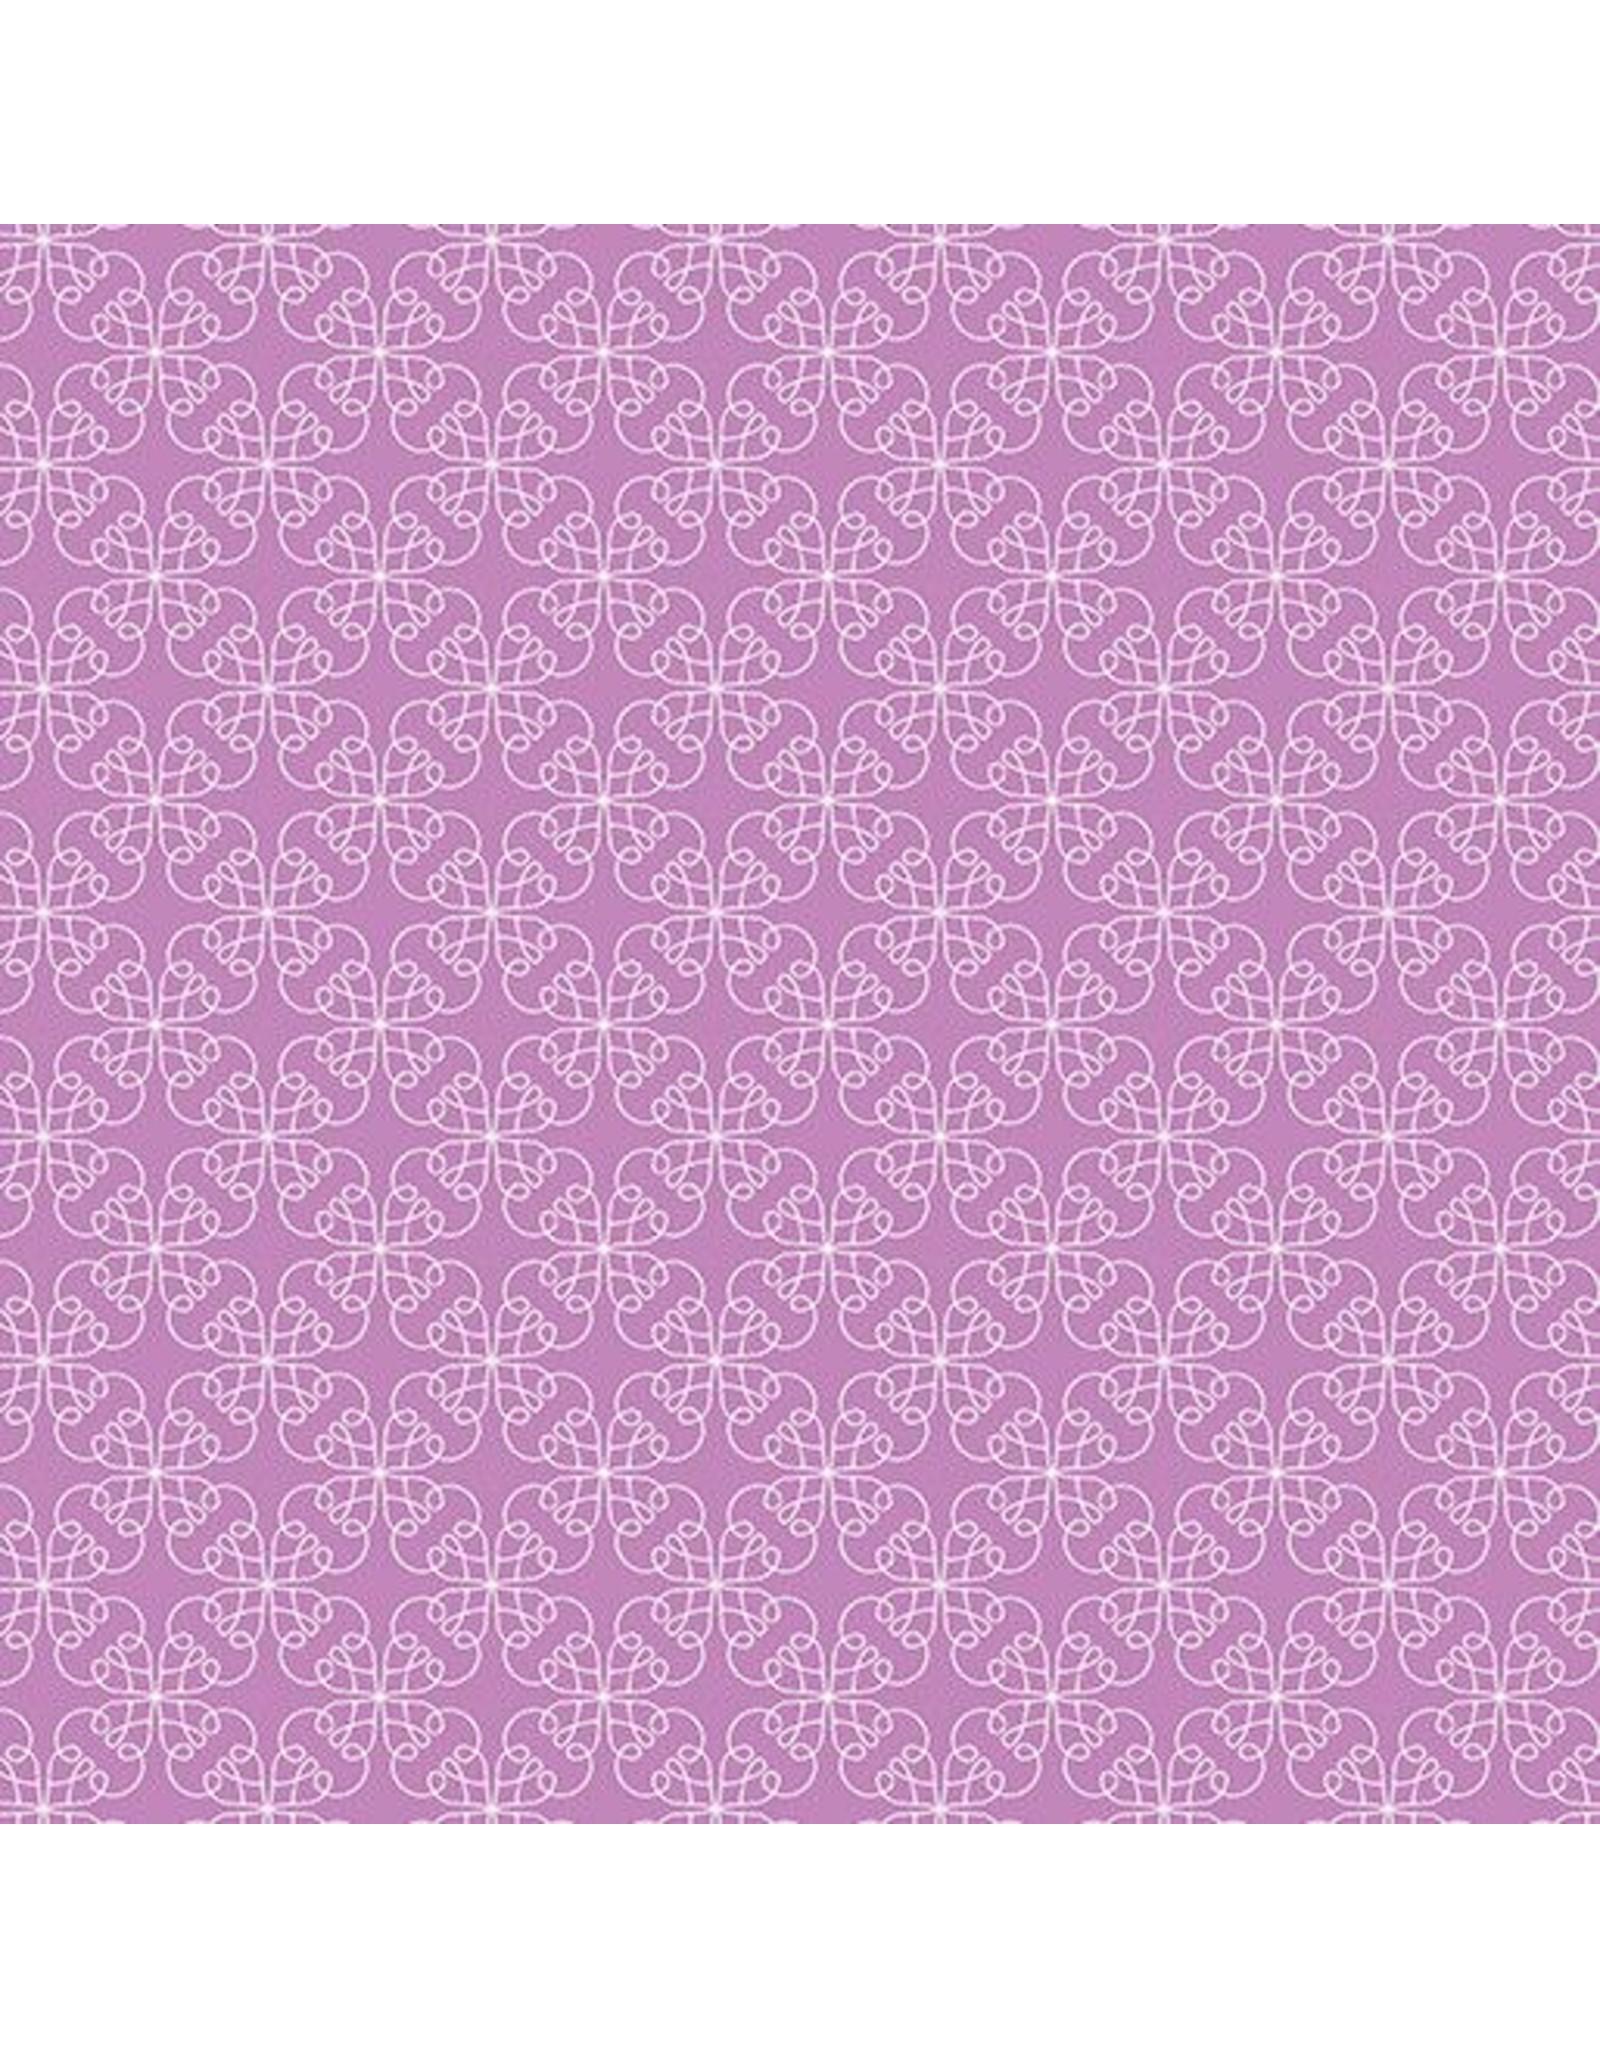 Contempo Gloaming - Filament Mulberry